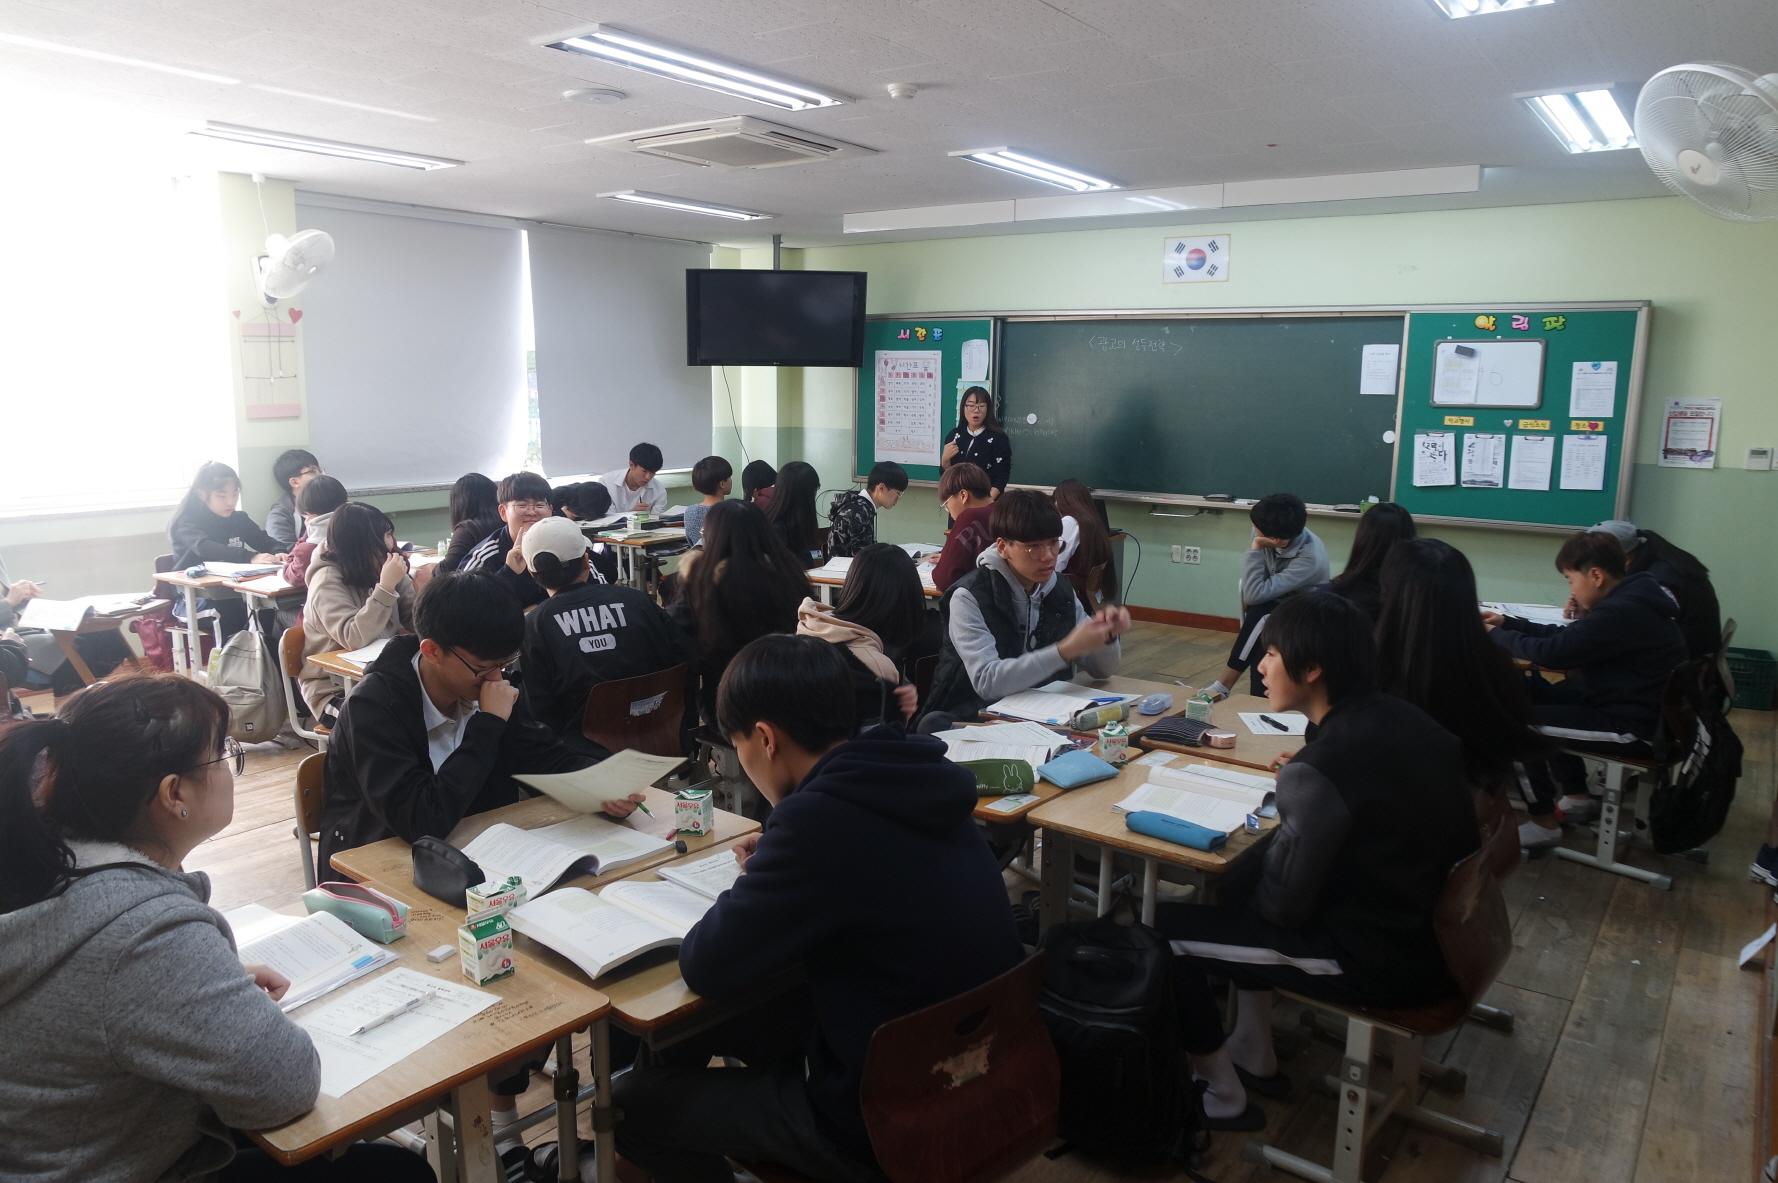 [일반] 2017학년도 2학기 학부모와 함께하는 교욱활동 공개의 날의 첨부이미지 2